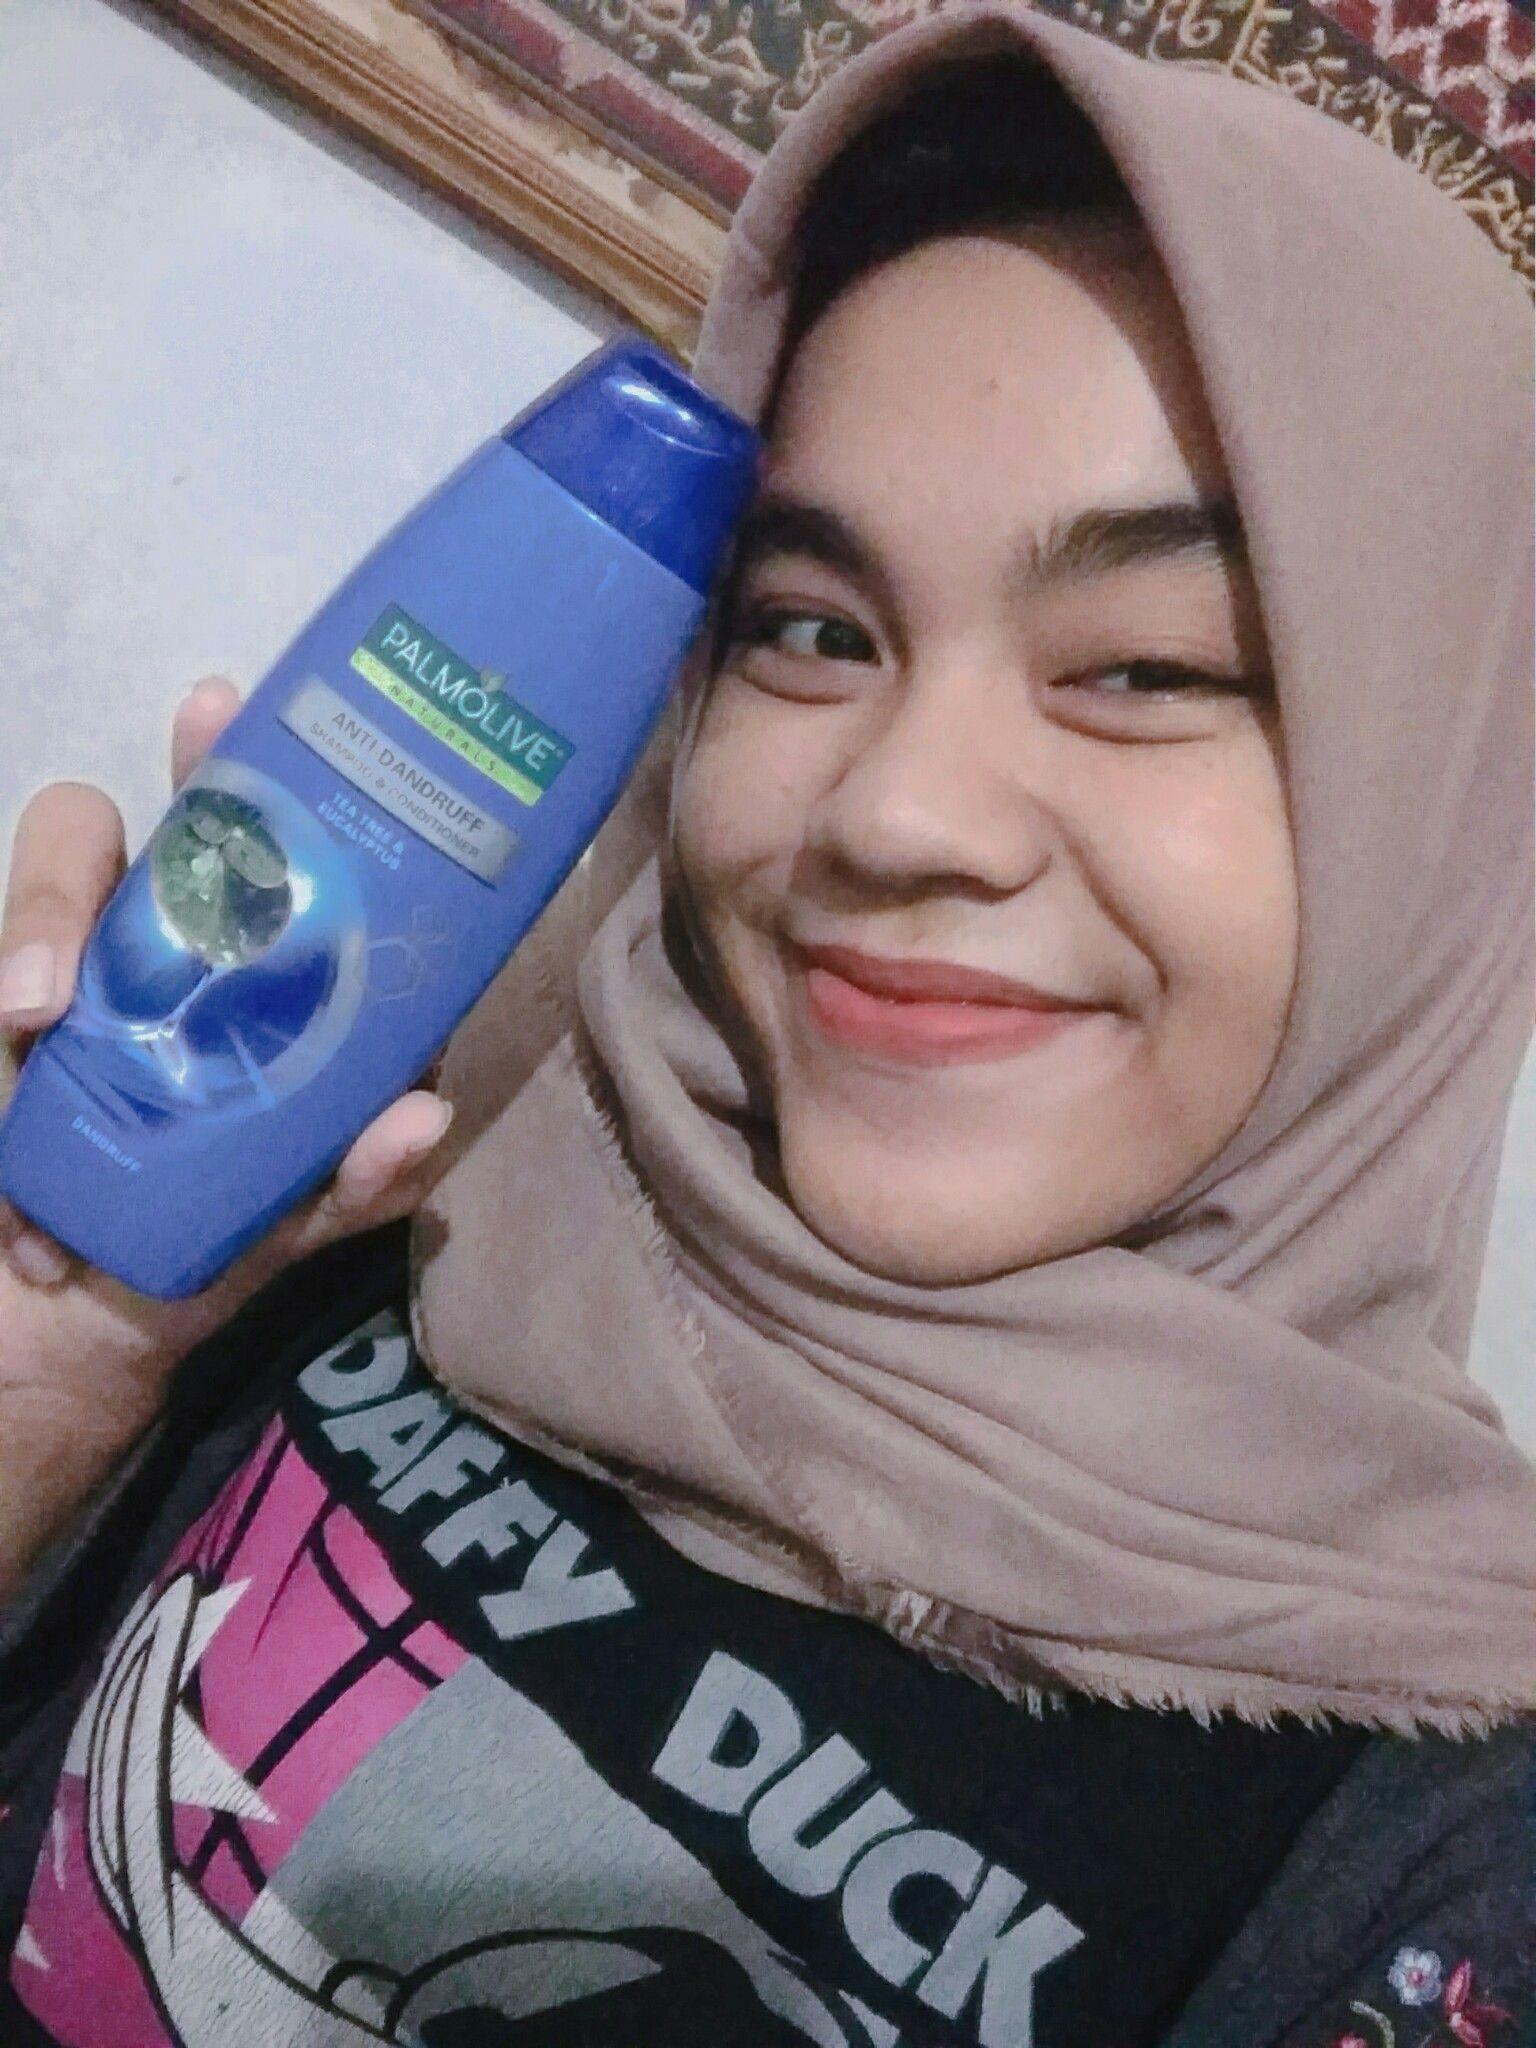 Palmolive Shampoo - Anti Dandruff